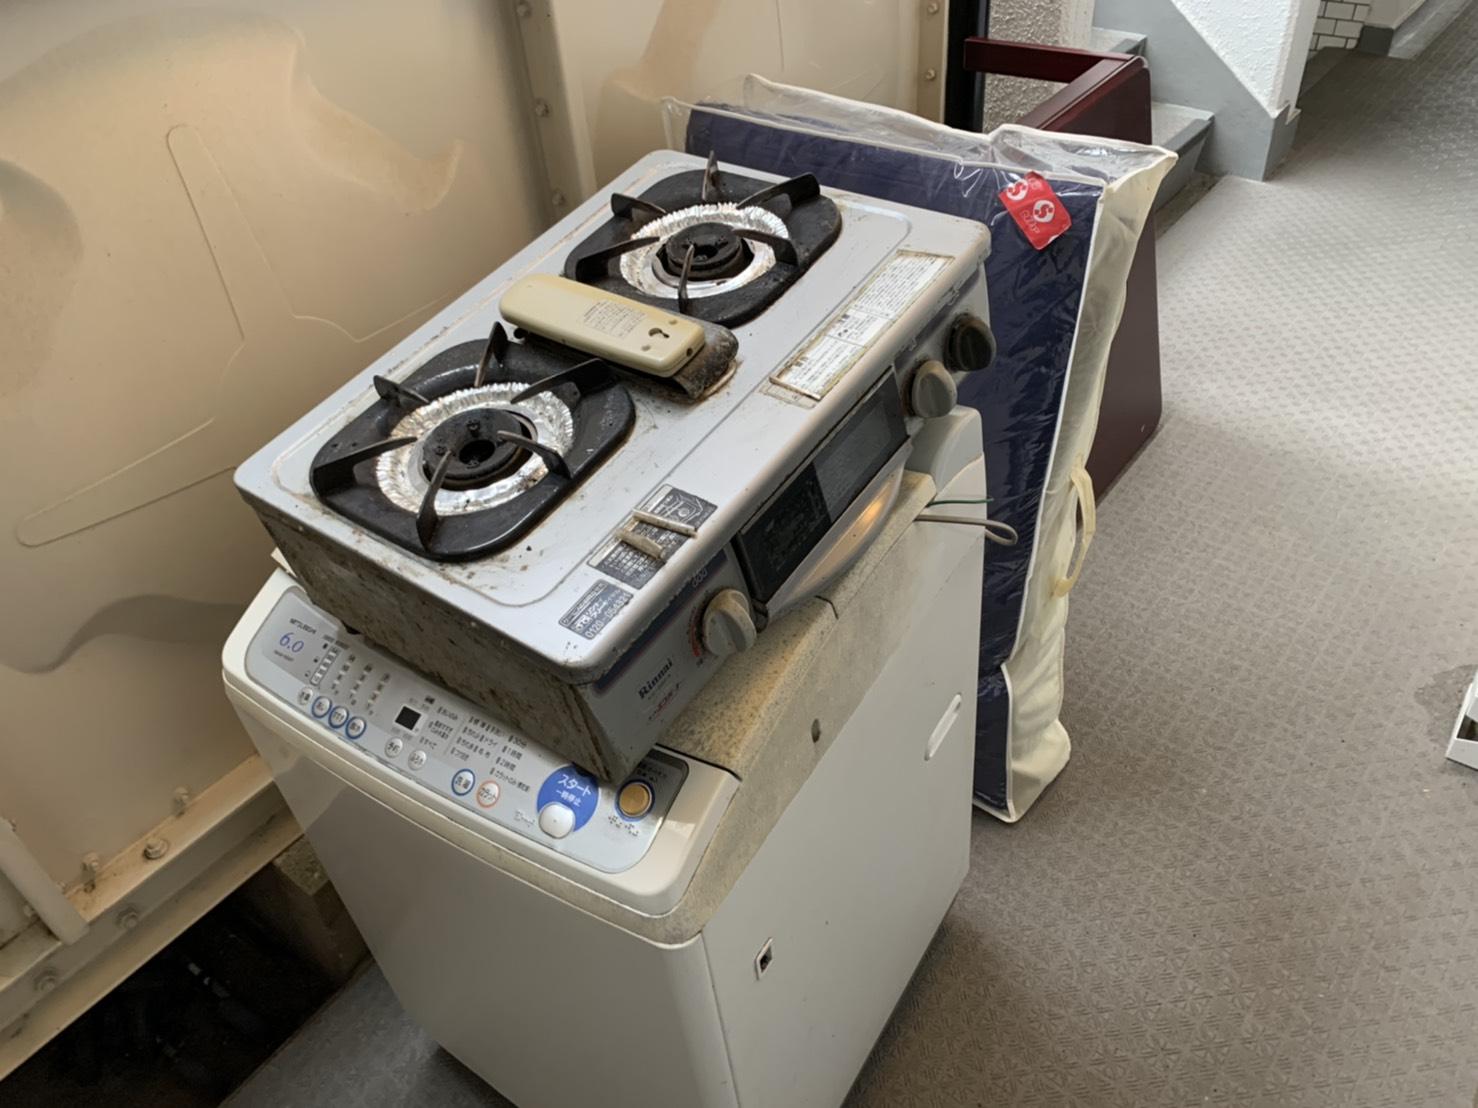 ガスコンロ、洗濯機、ローテーブル、布団の回収前